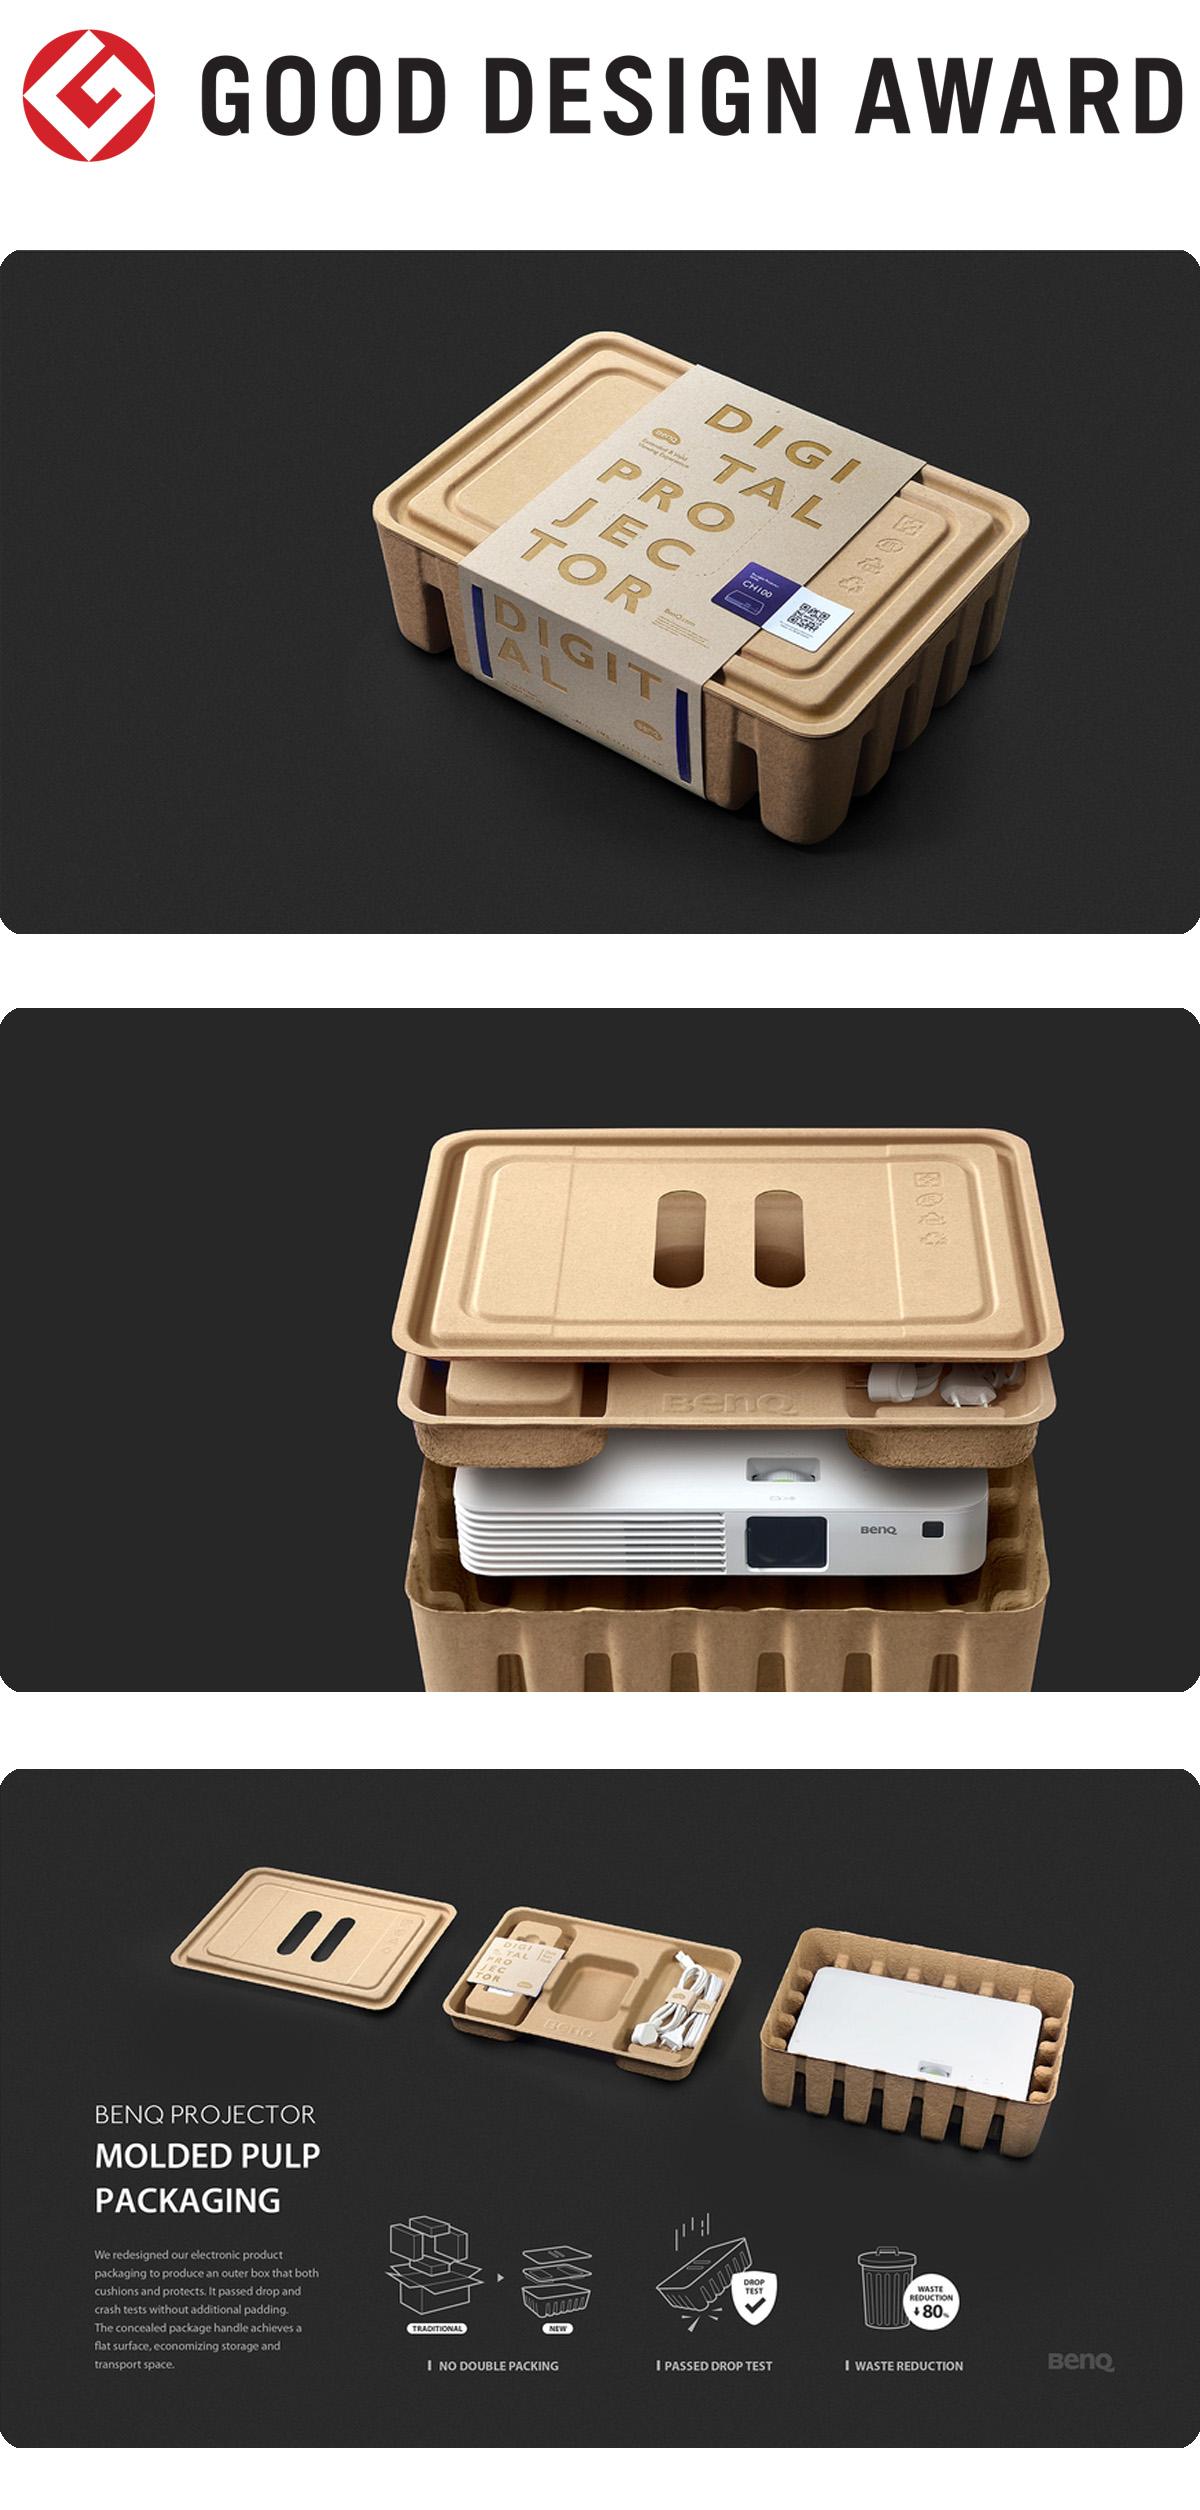 【日本】明基BenQ投影机环保包装获颁2019年度G-Mark设计大奖(GOOD DESIGN AWARD 2019)